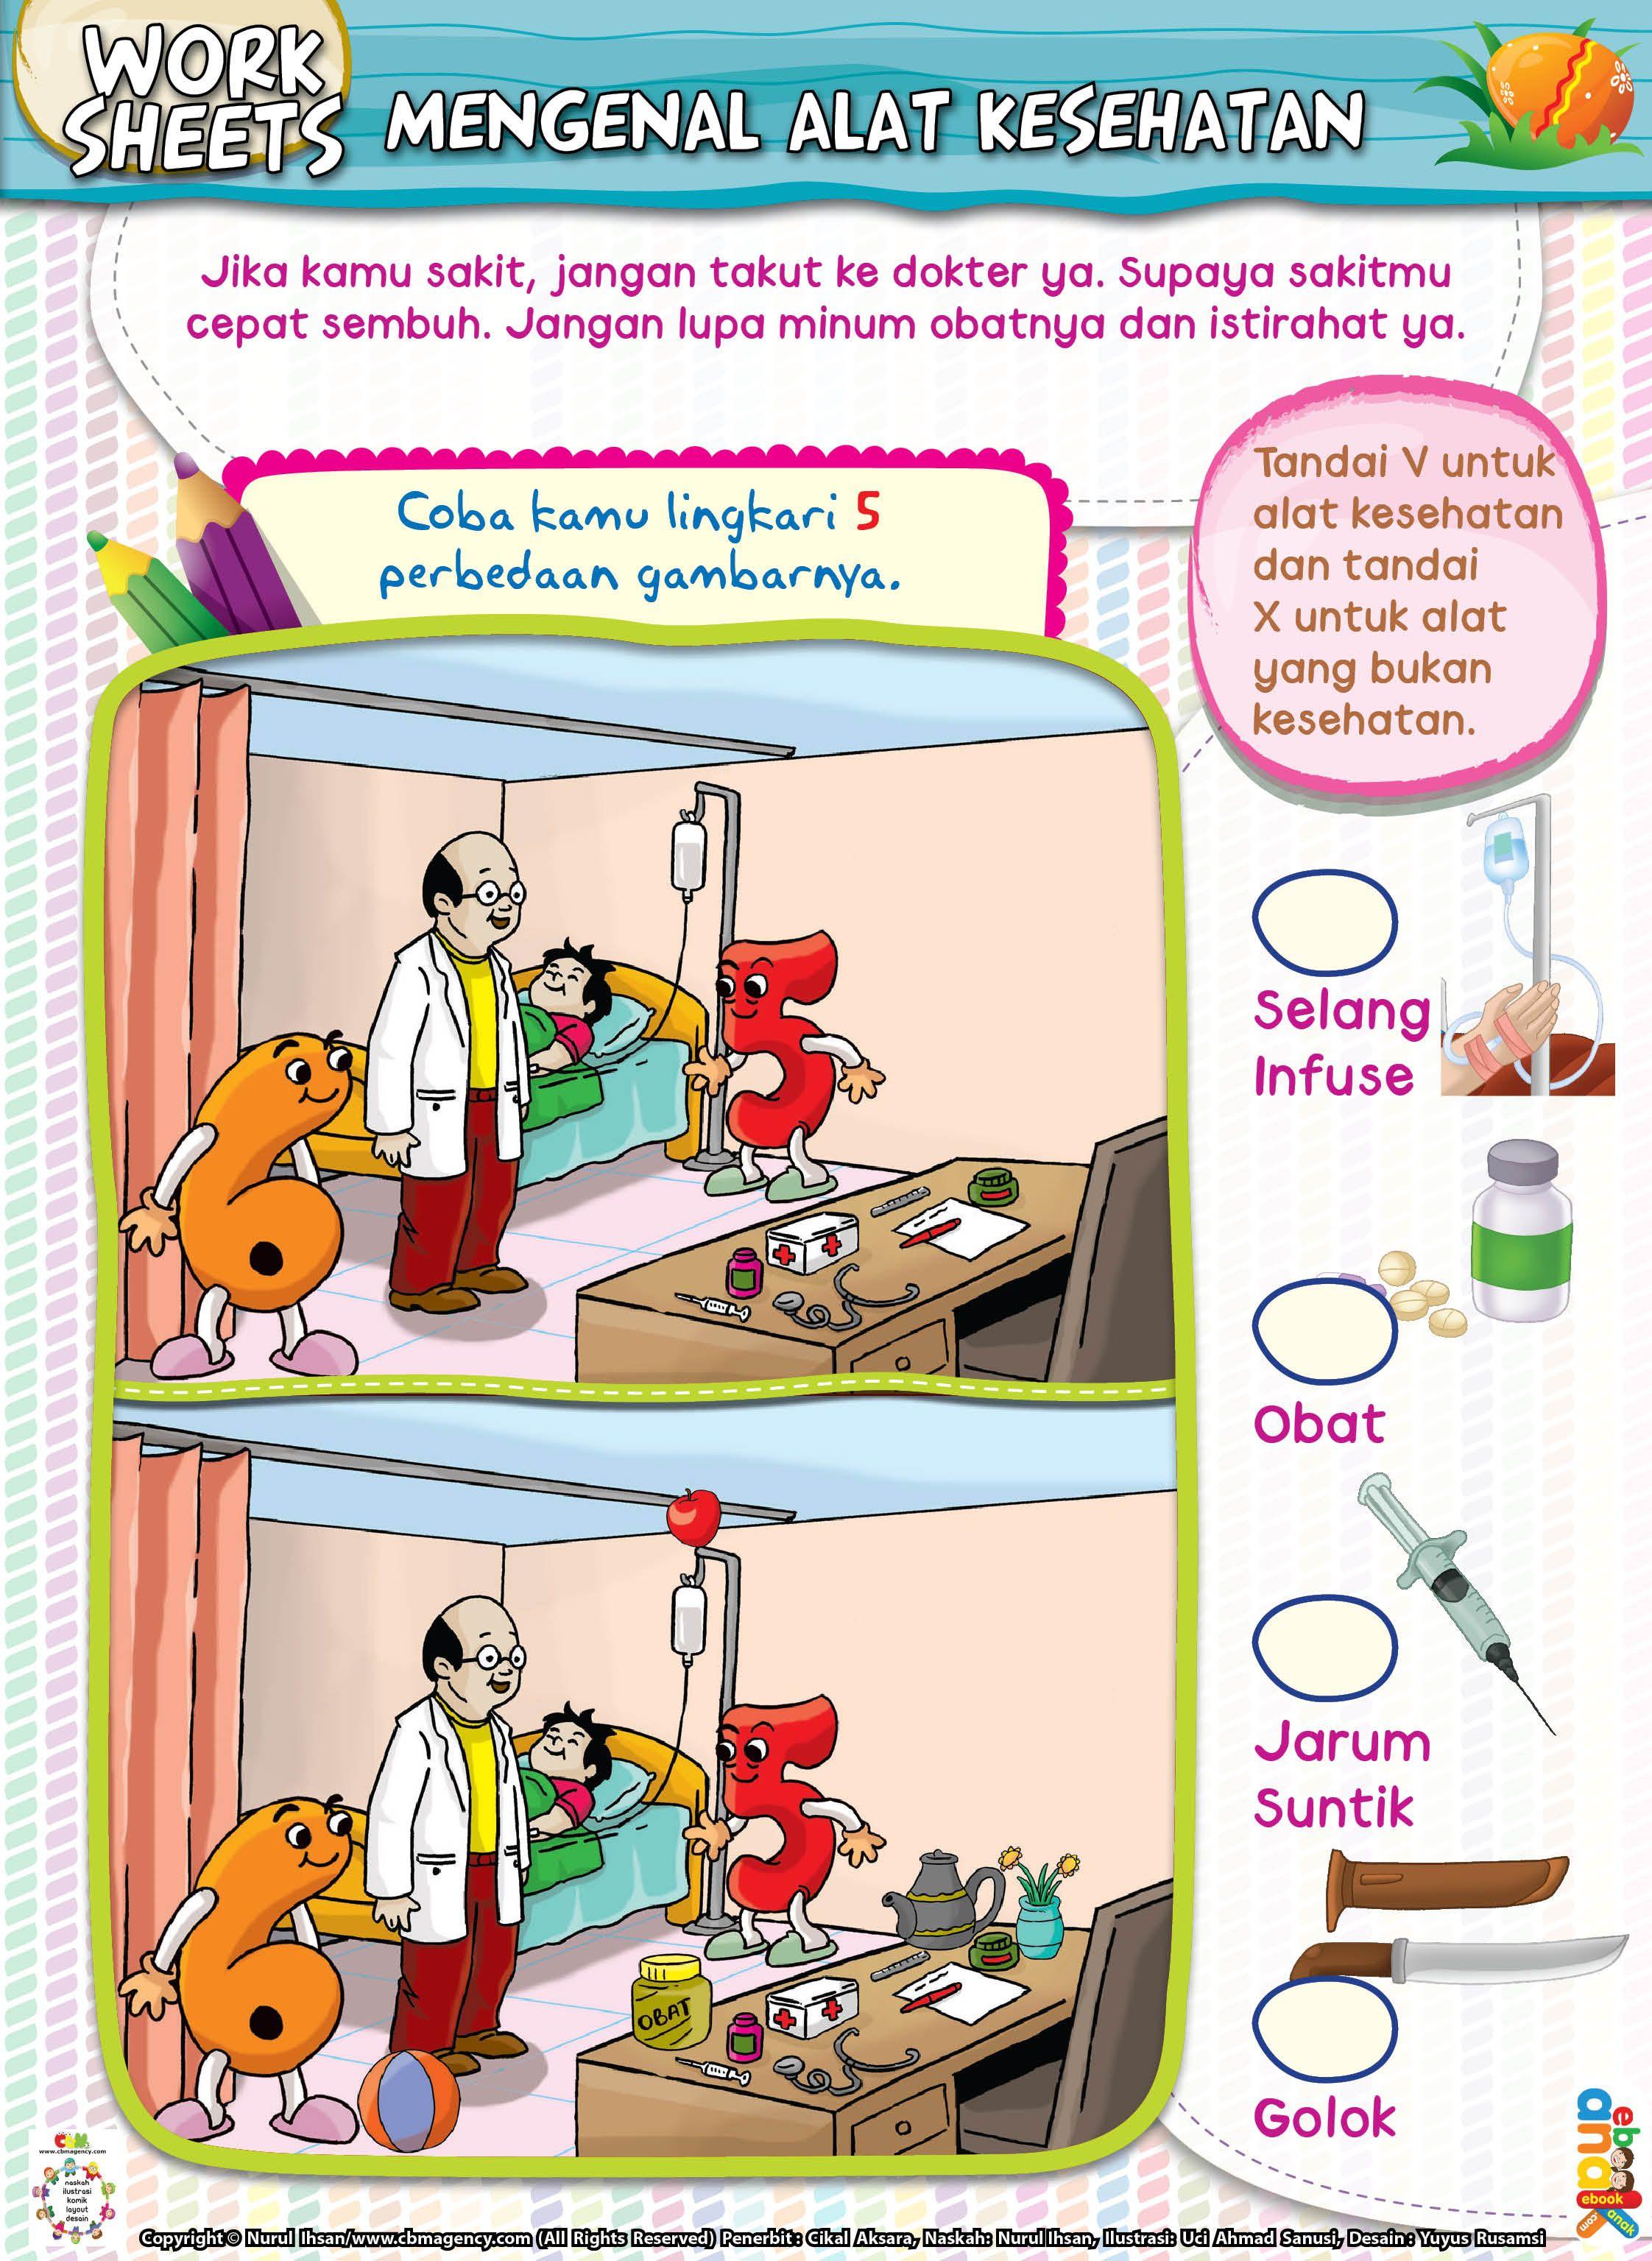 Mengenal Alat Kesehatan